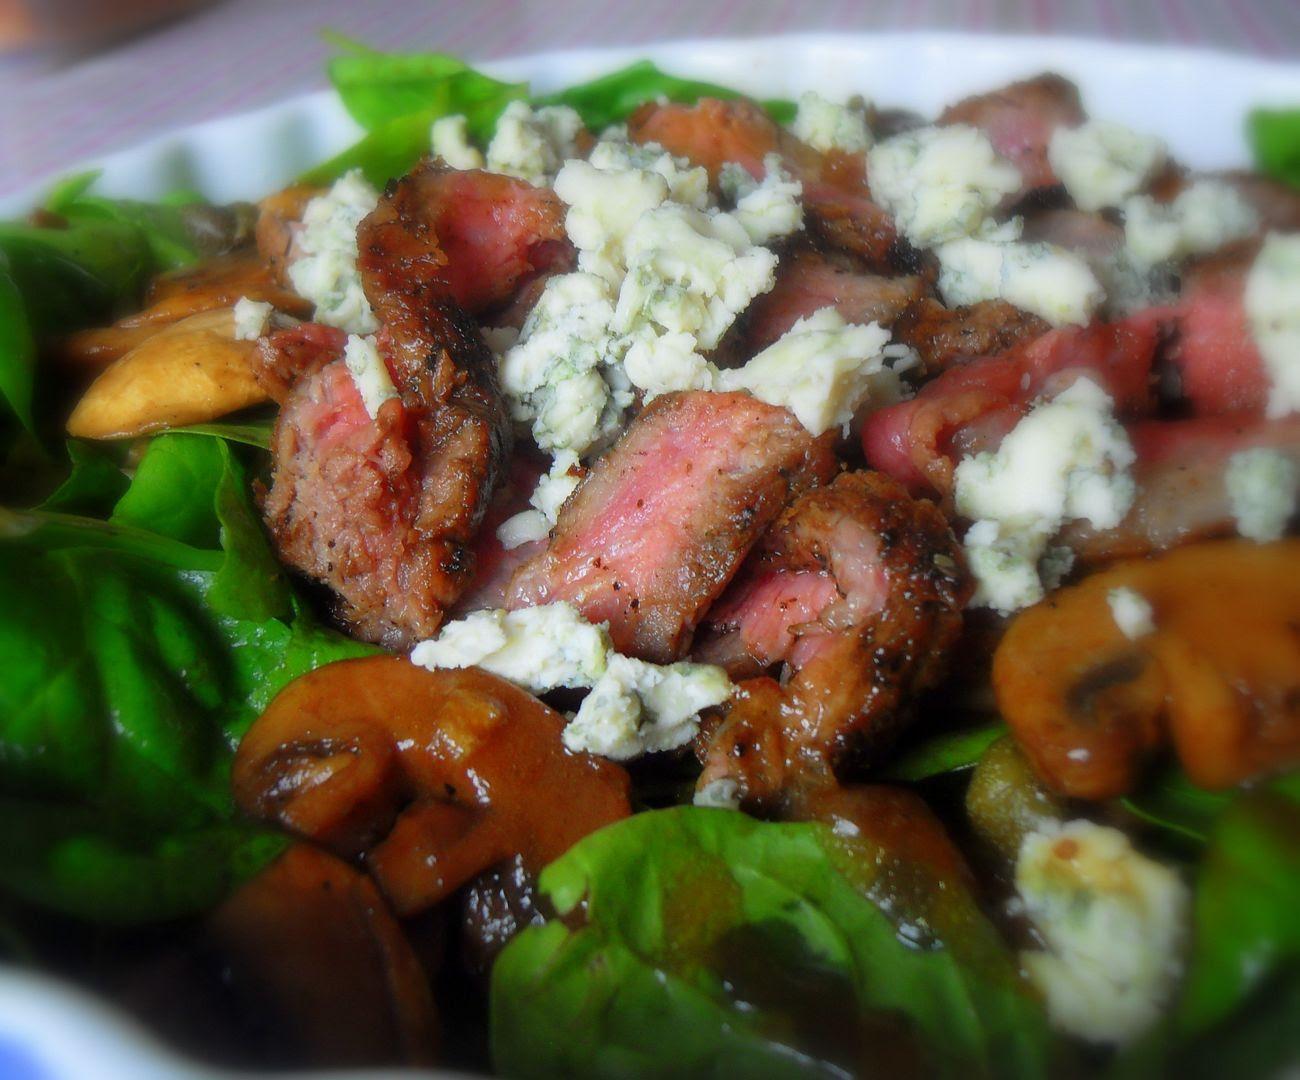 Steak, Mushroom, and Blue Cheese Salad